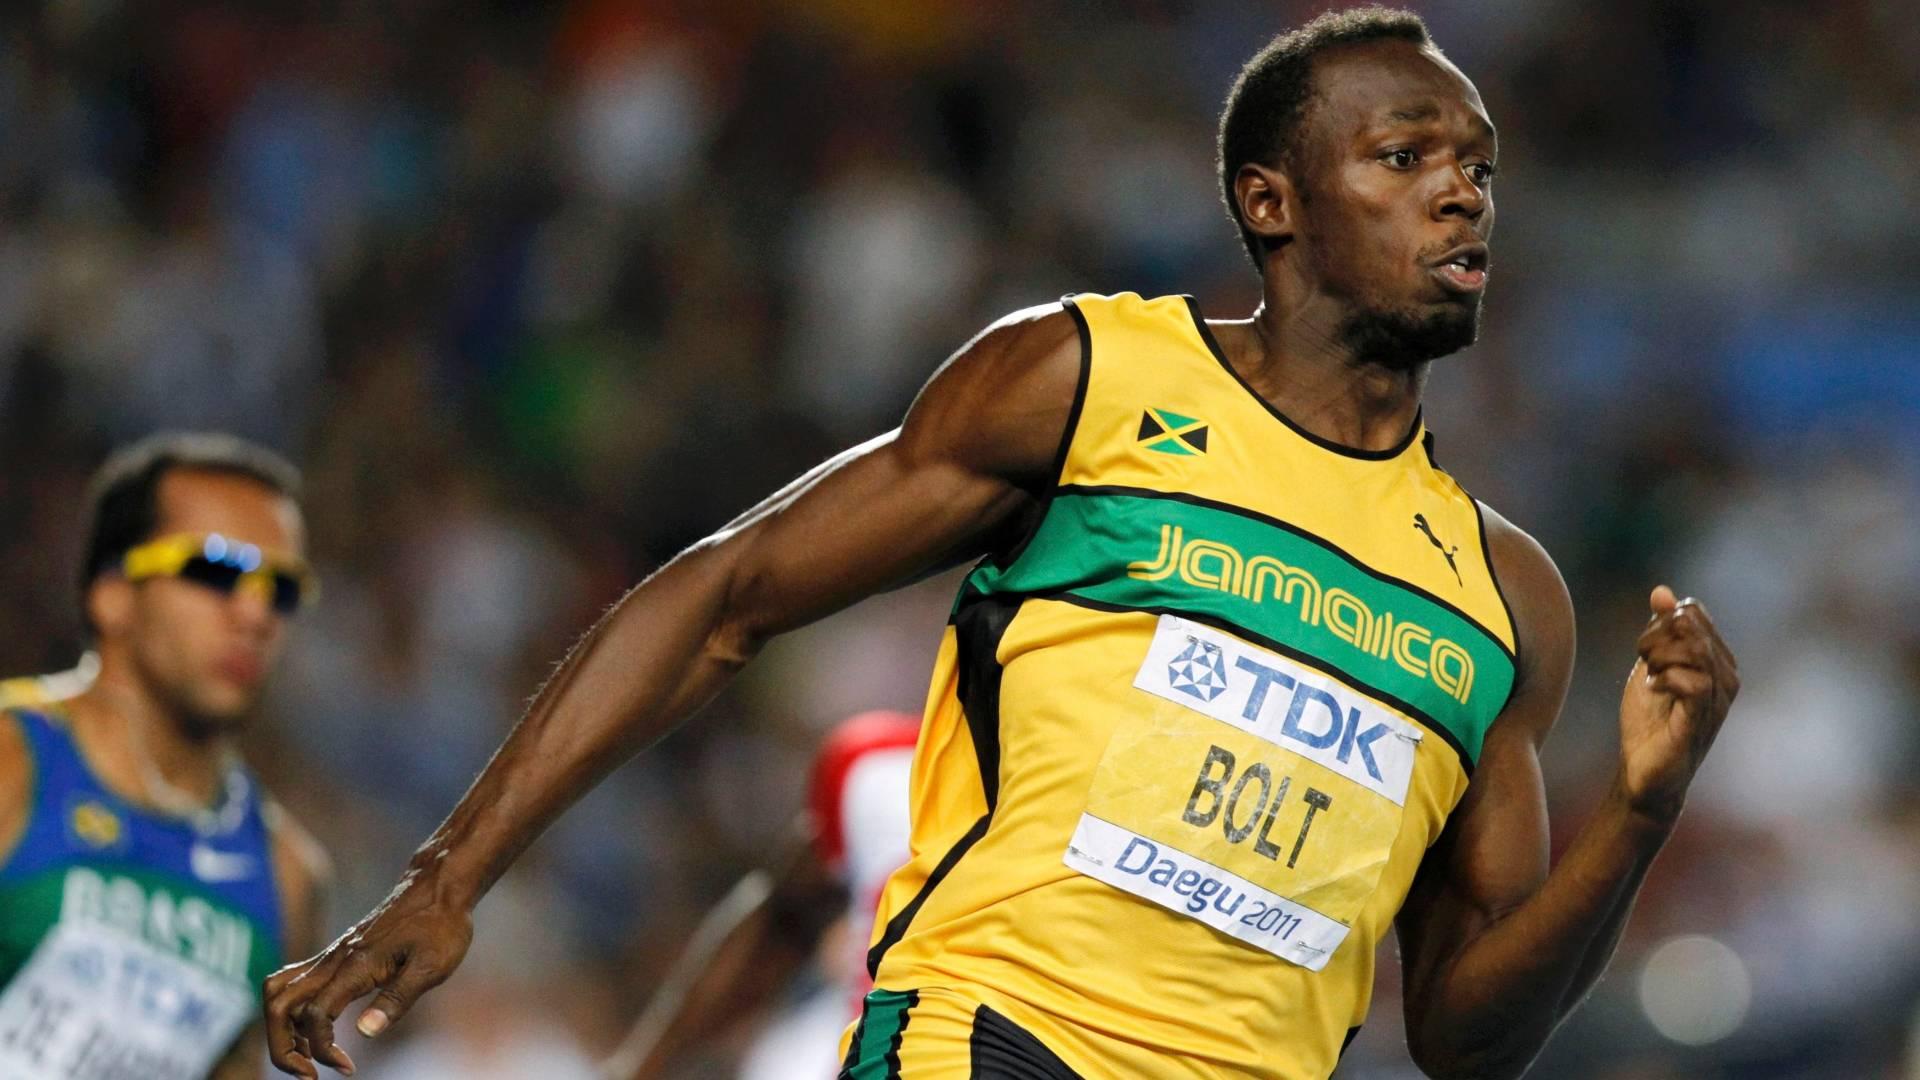 Usain Bolt dispara na liderança na final nos 200 m rasos para vencer a prova pelo Mundial de Daegu (03/09/2011)